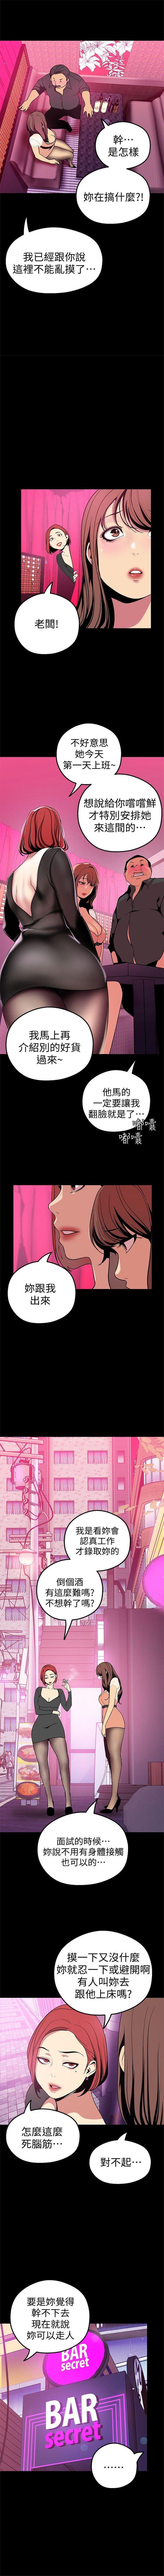 (周6)美丽新世界 1-61 中文翻译 (更新中) 231